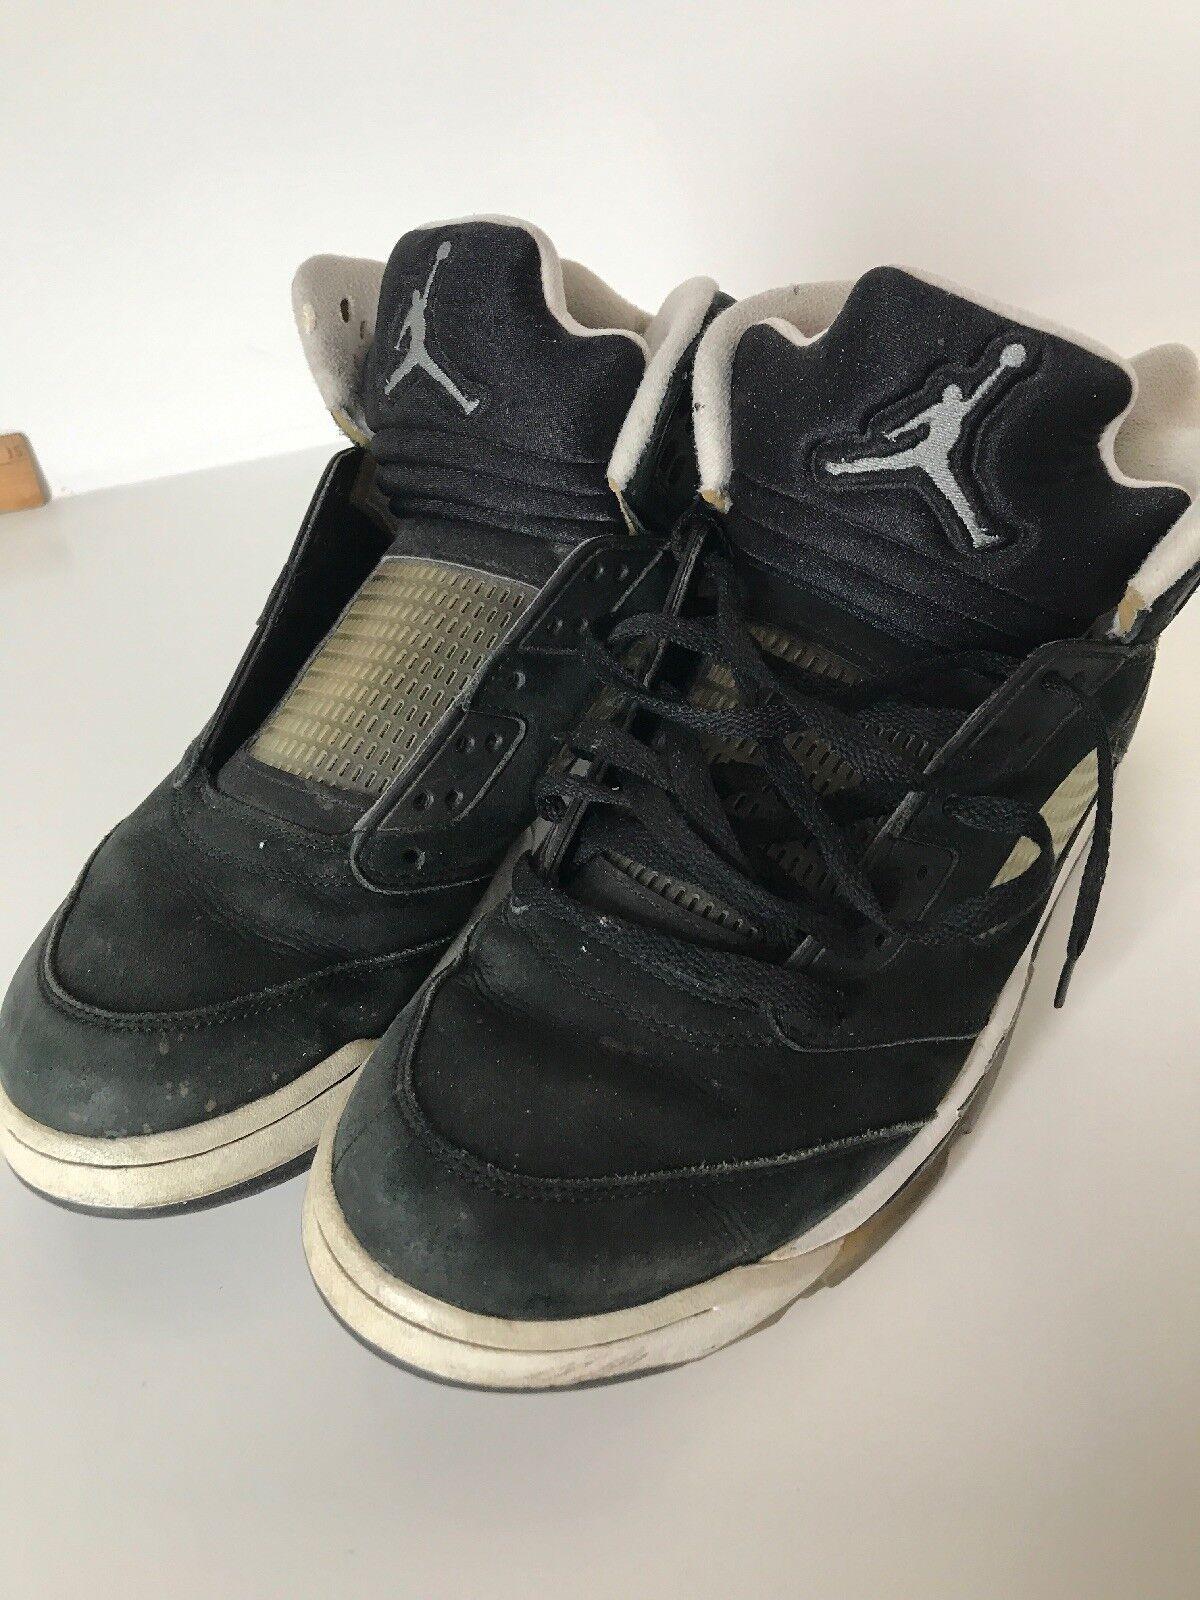 Nike Air Jordan 4 Retro Royalty (308497-032) Men's shoes - Black Metallic...